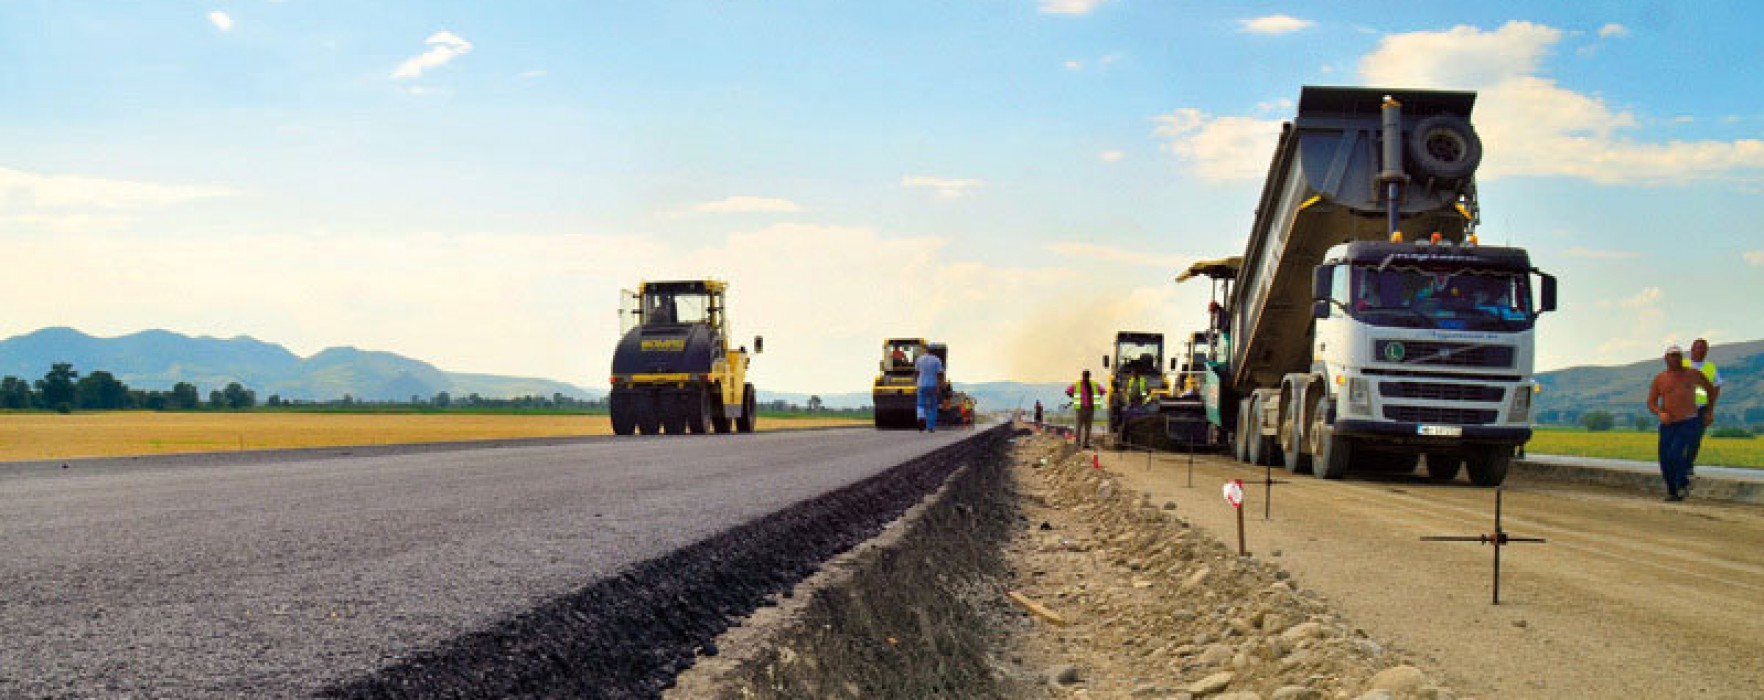 Masterplan: DN72 Găeşti-Ploieşti-Brăila, drum expres după anul 2030